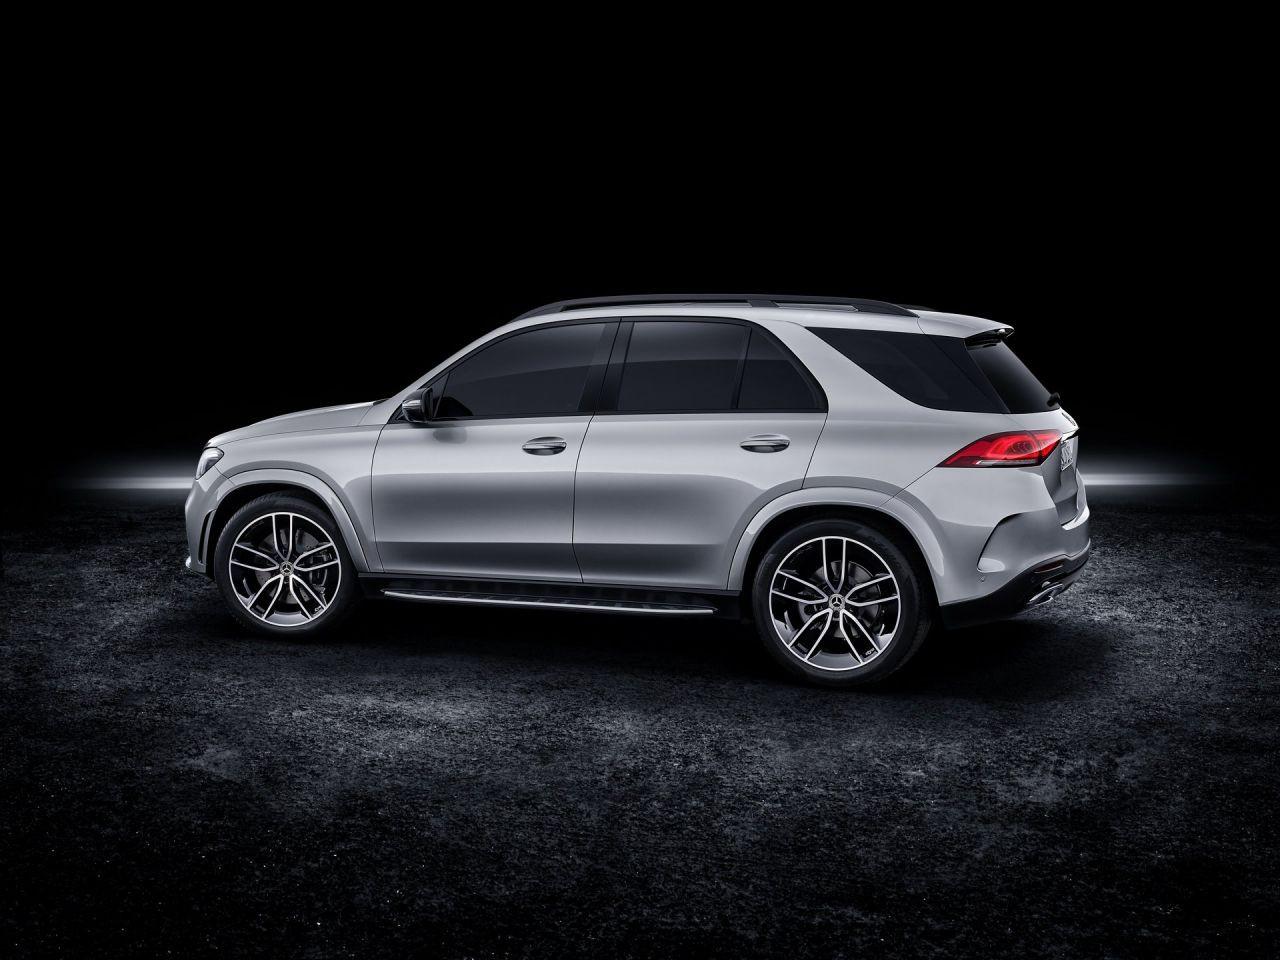 Hibrit ve V8 buluşması; 2020 Mercedes-Benz GLE 580 - Page 2